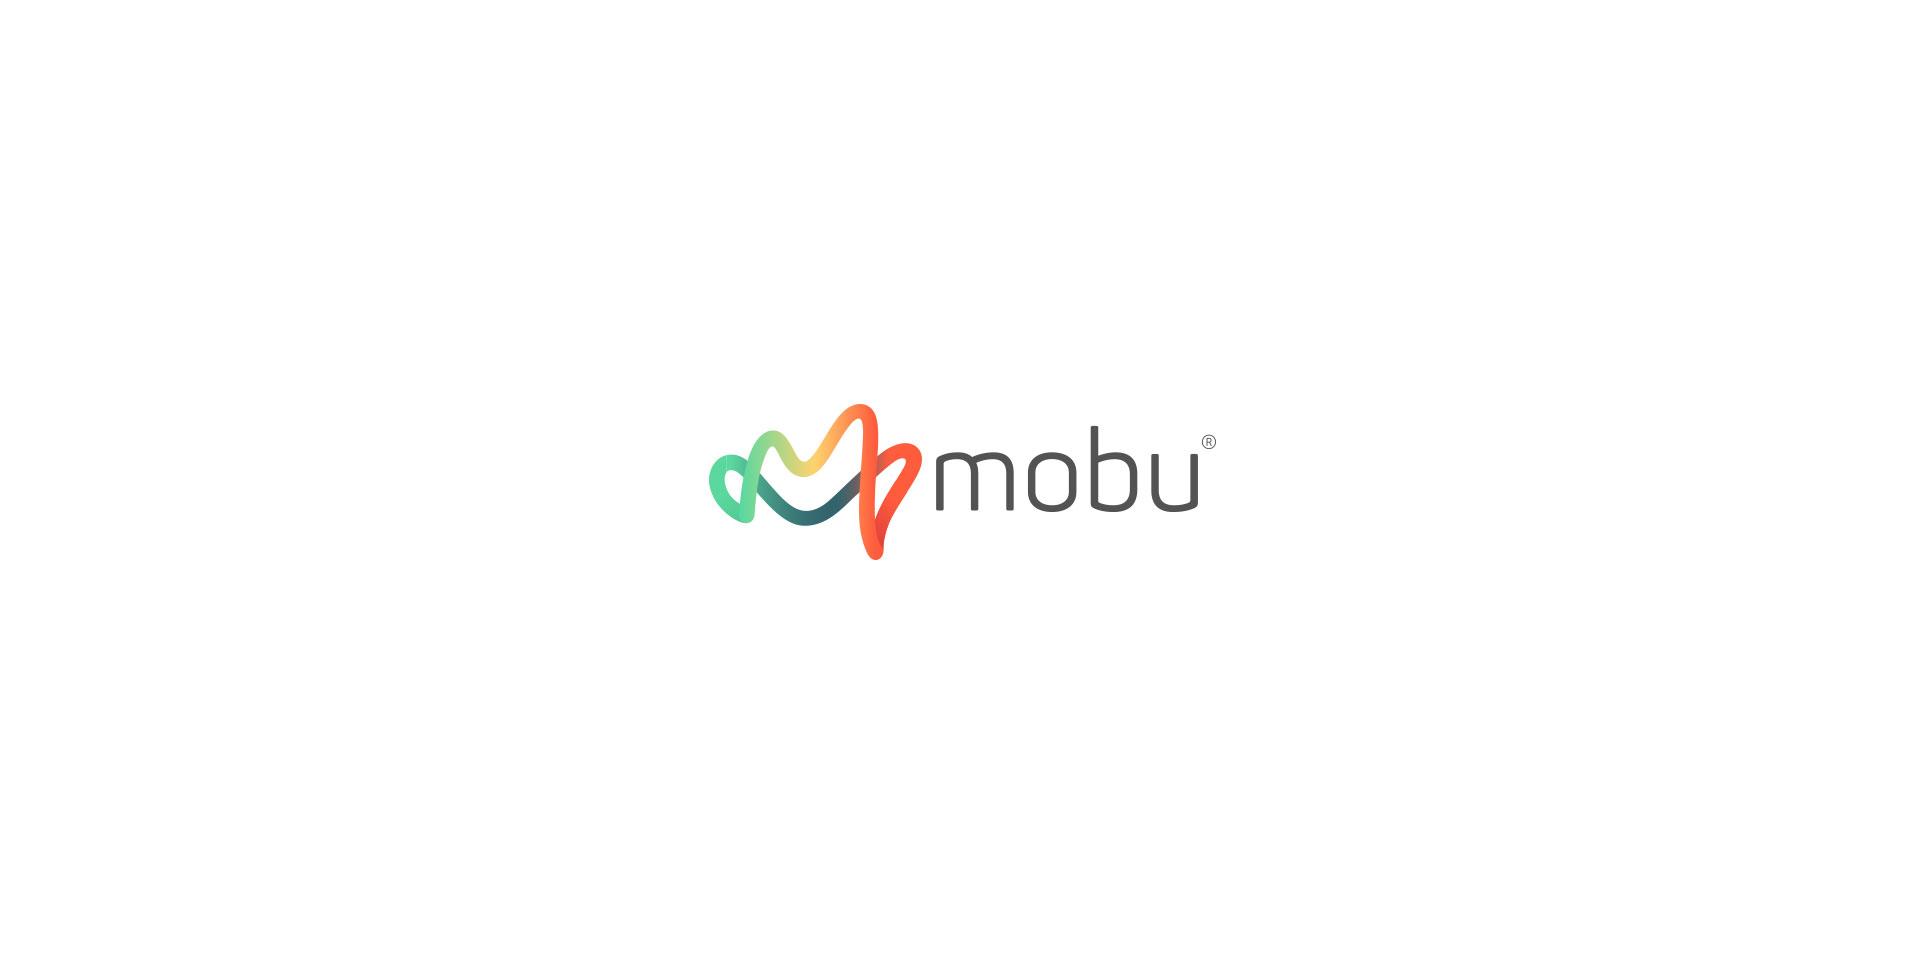 mobu02